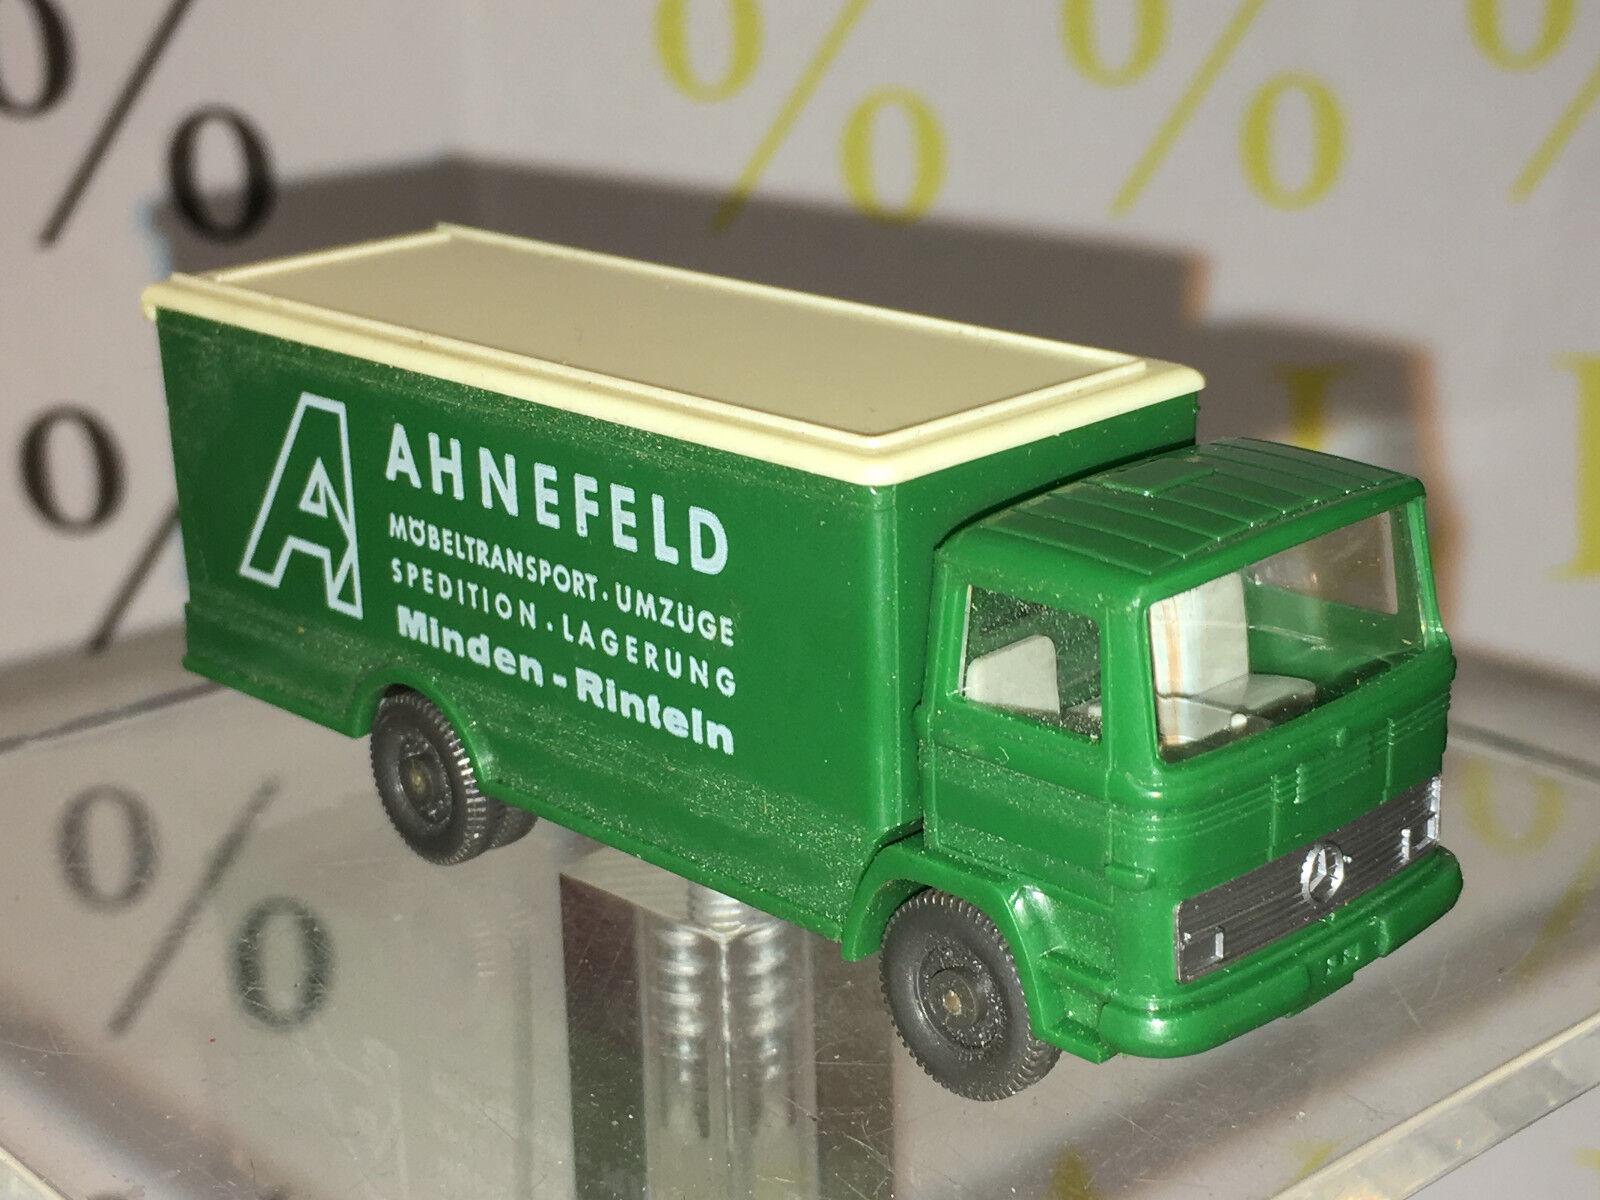 WIKING Werbemodell  AHNEFELD  (1) MB LP 1317  |  Neuer Markt